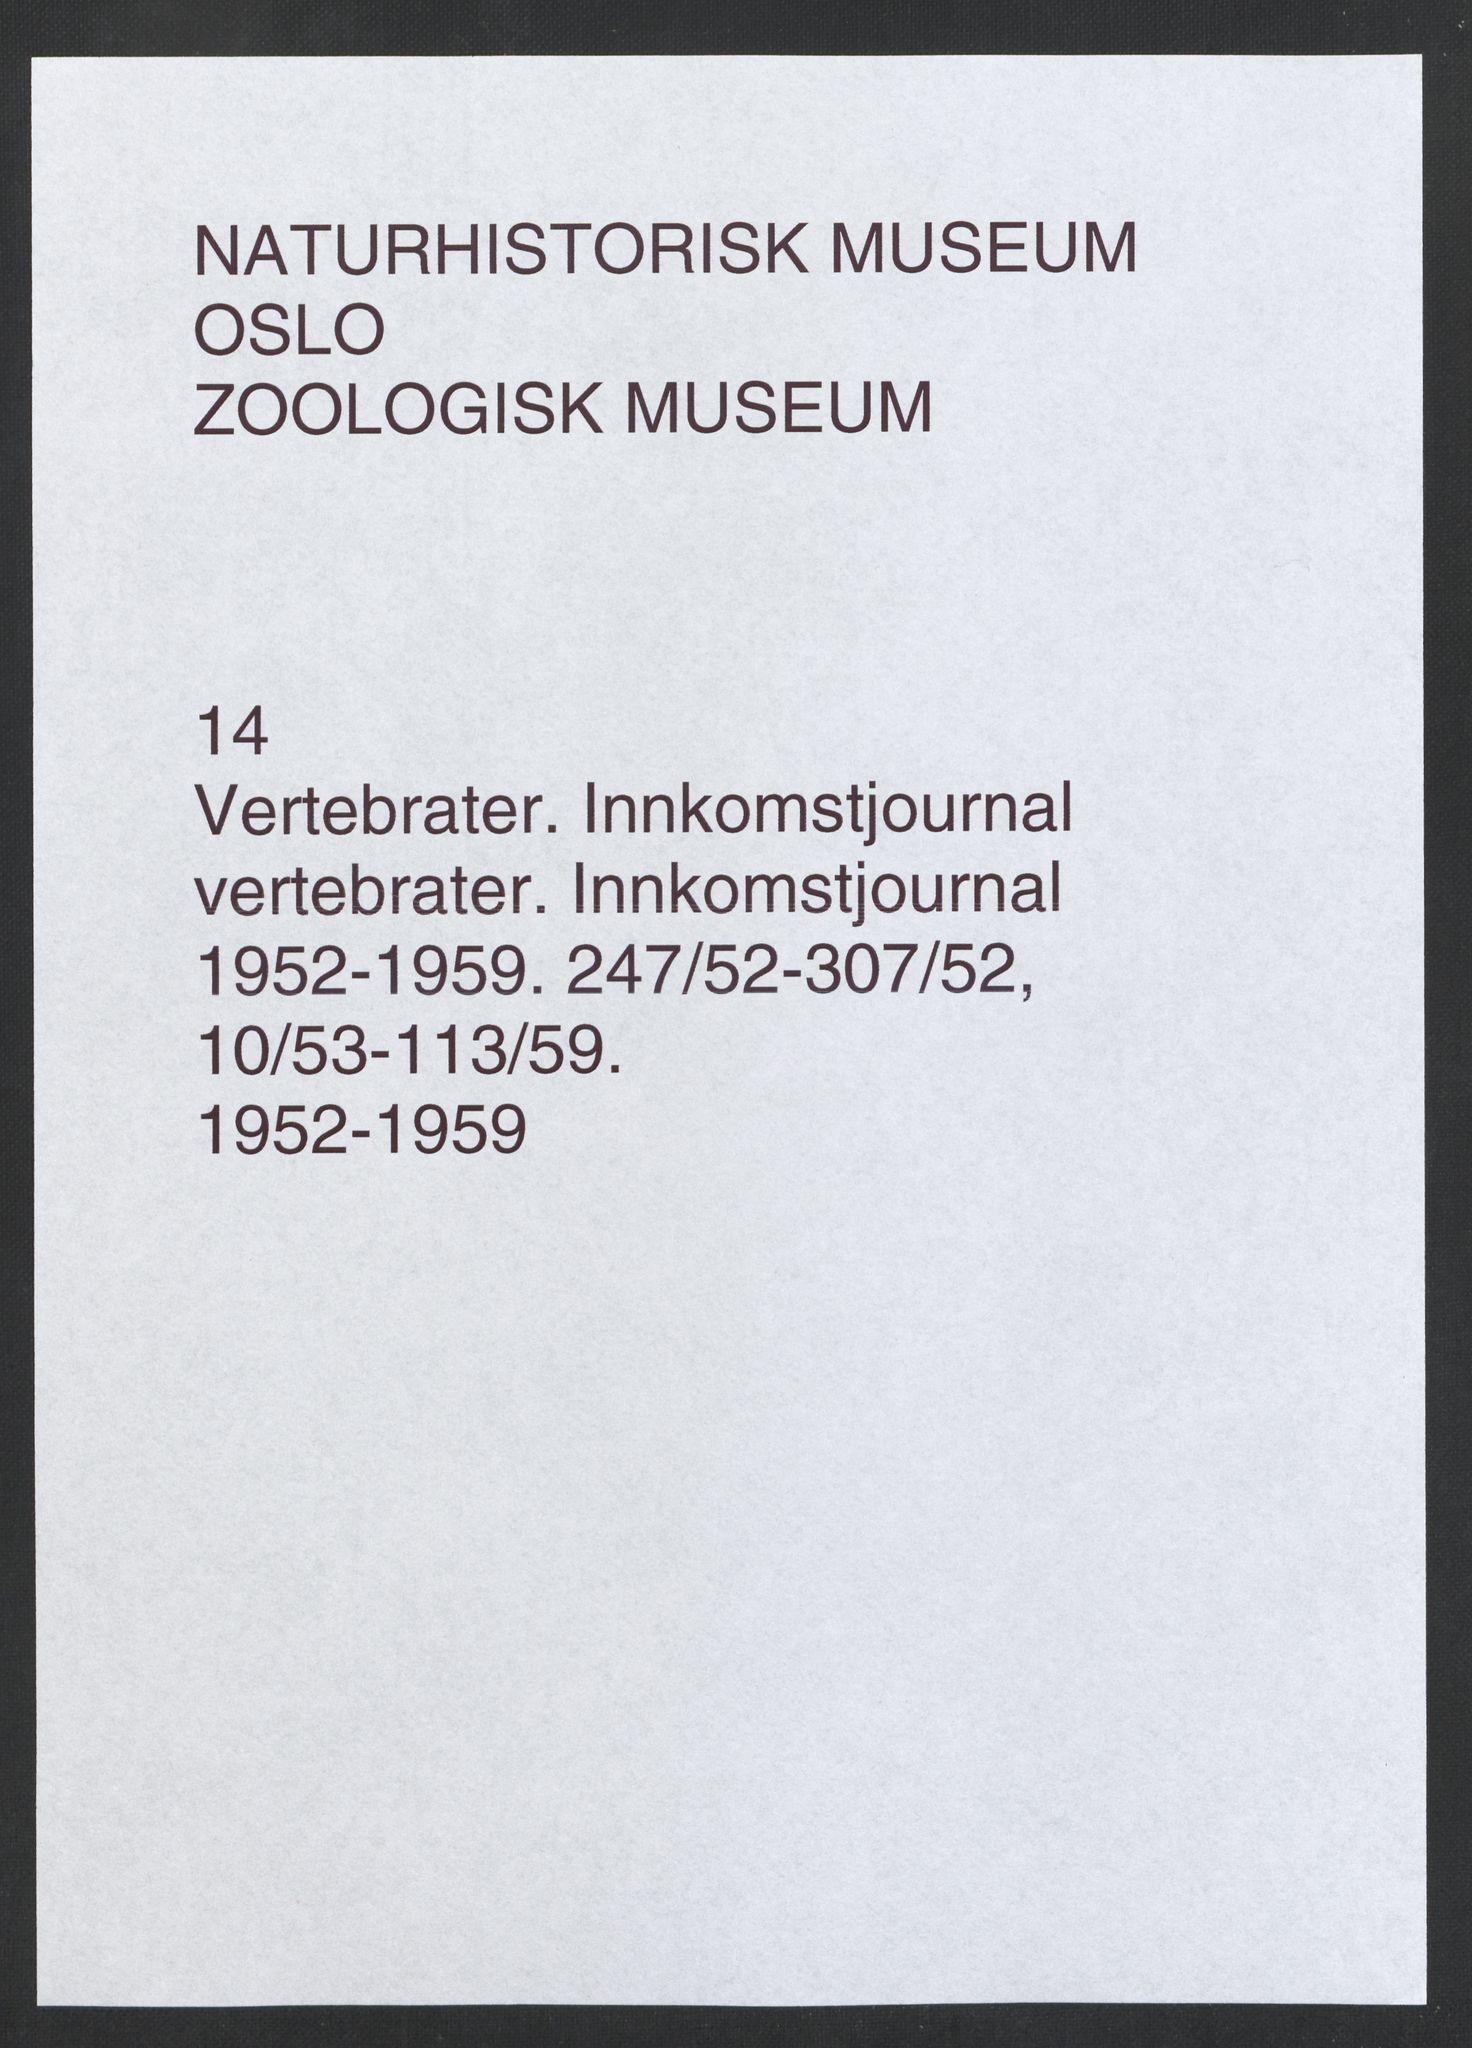 NHMO, Naturhistorisk museum (Oslo), 5: Vertebrater. Innkomstjournal. Vertebratsamlingen, 1952-1959., 1952-1959